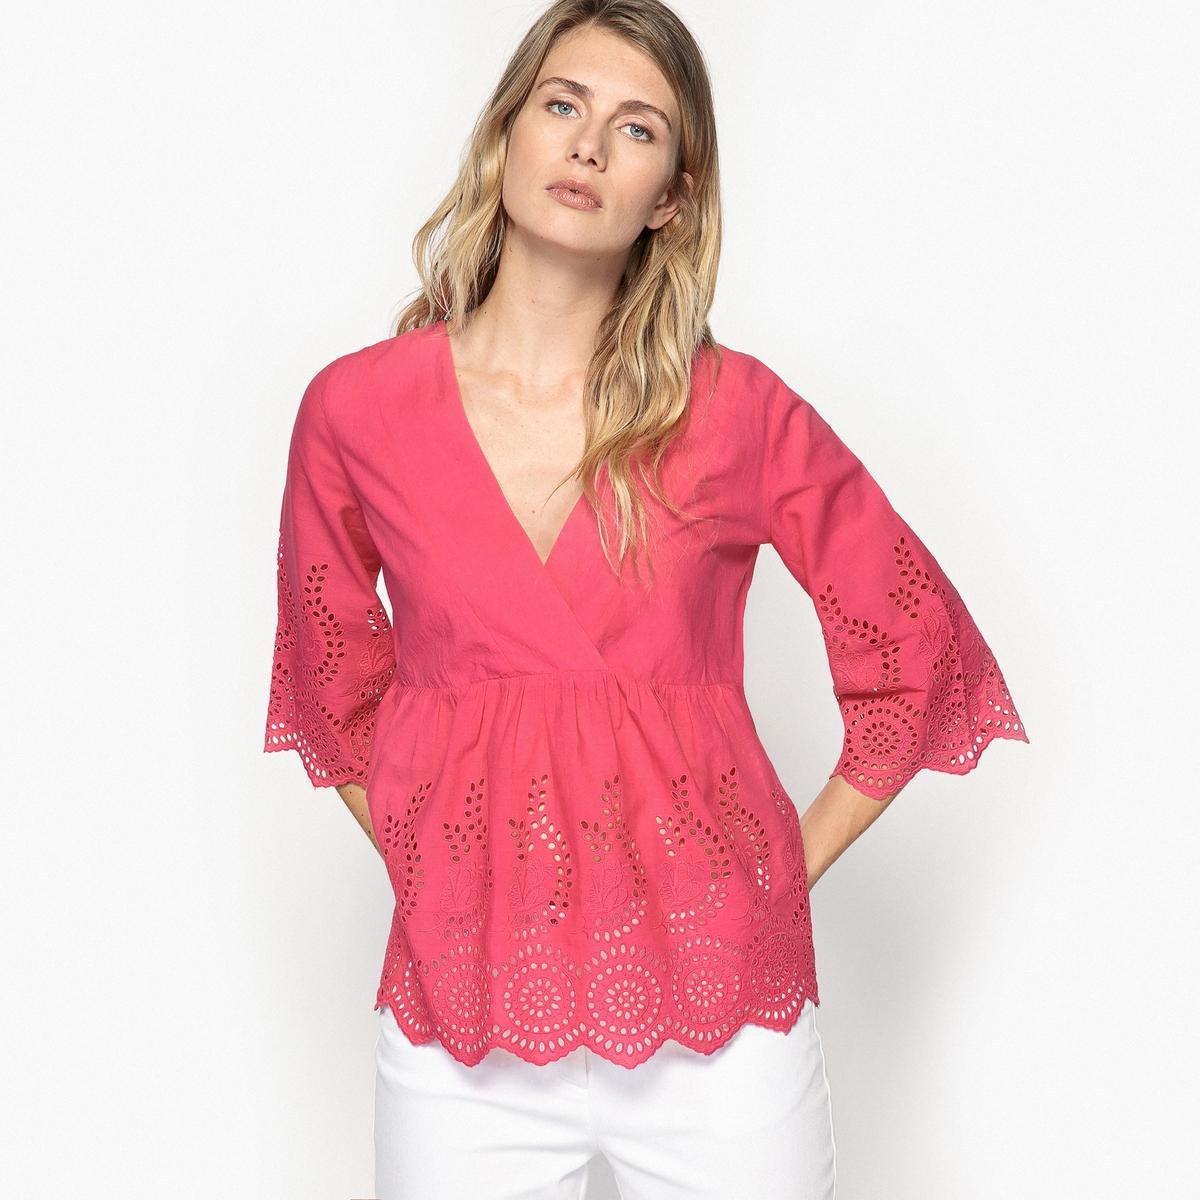 Блузка с английской вышивкой и рукавами 3/4Описание:Выбирайте эту блузку с английской вышивкой. V-образный вырез с запахом, эффект каш-кер. Отрезная деталь под грудью спереди и сзади. Отделка фестонами.Детали •  Рукава 3/4 •  Прямой покрой •   V-образный вырезСостав и уход •  100% хлопок •  Следуйте рекомендациям по уходу, указанным на этикетке изделия •  Длина 62 см<br><br>Цвет: белый,фуксия